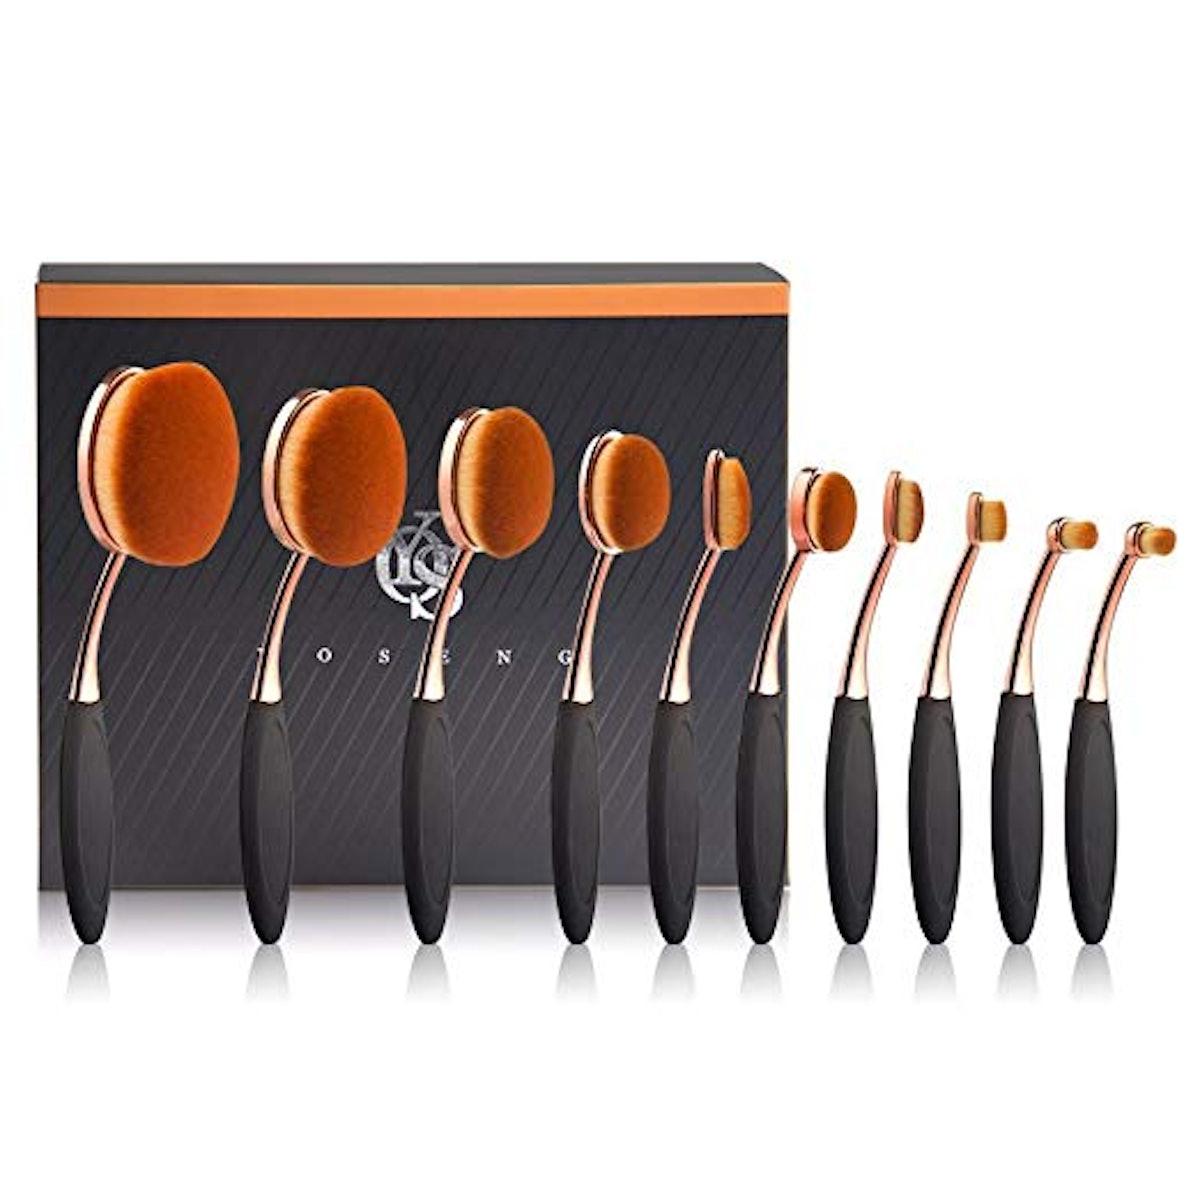 Yoseng 10-Piece Oval Makeup Brush Set